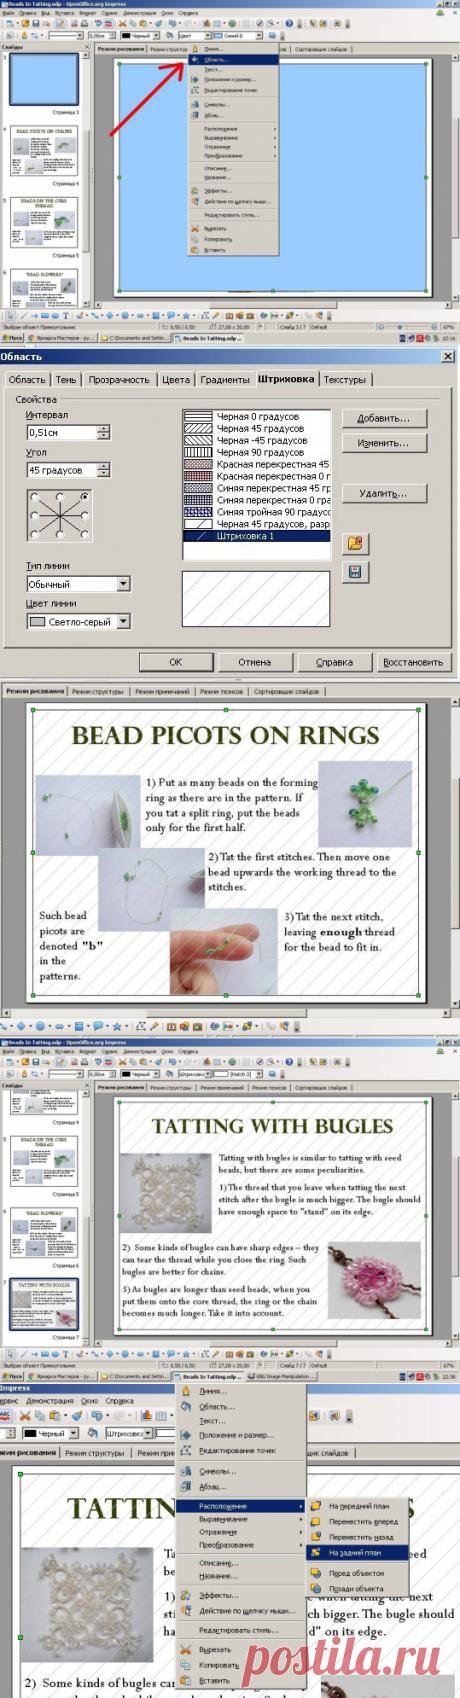 Как защитить мастер-класс в формате PDF - Ярмарка Мастеров - ручная работа, handmade